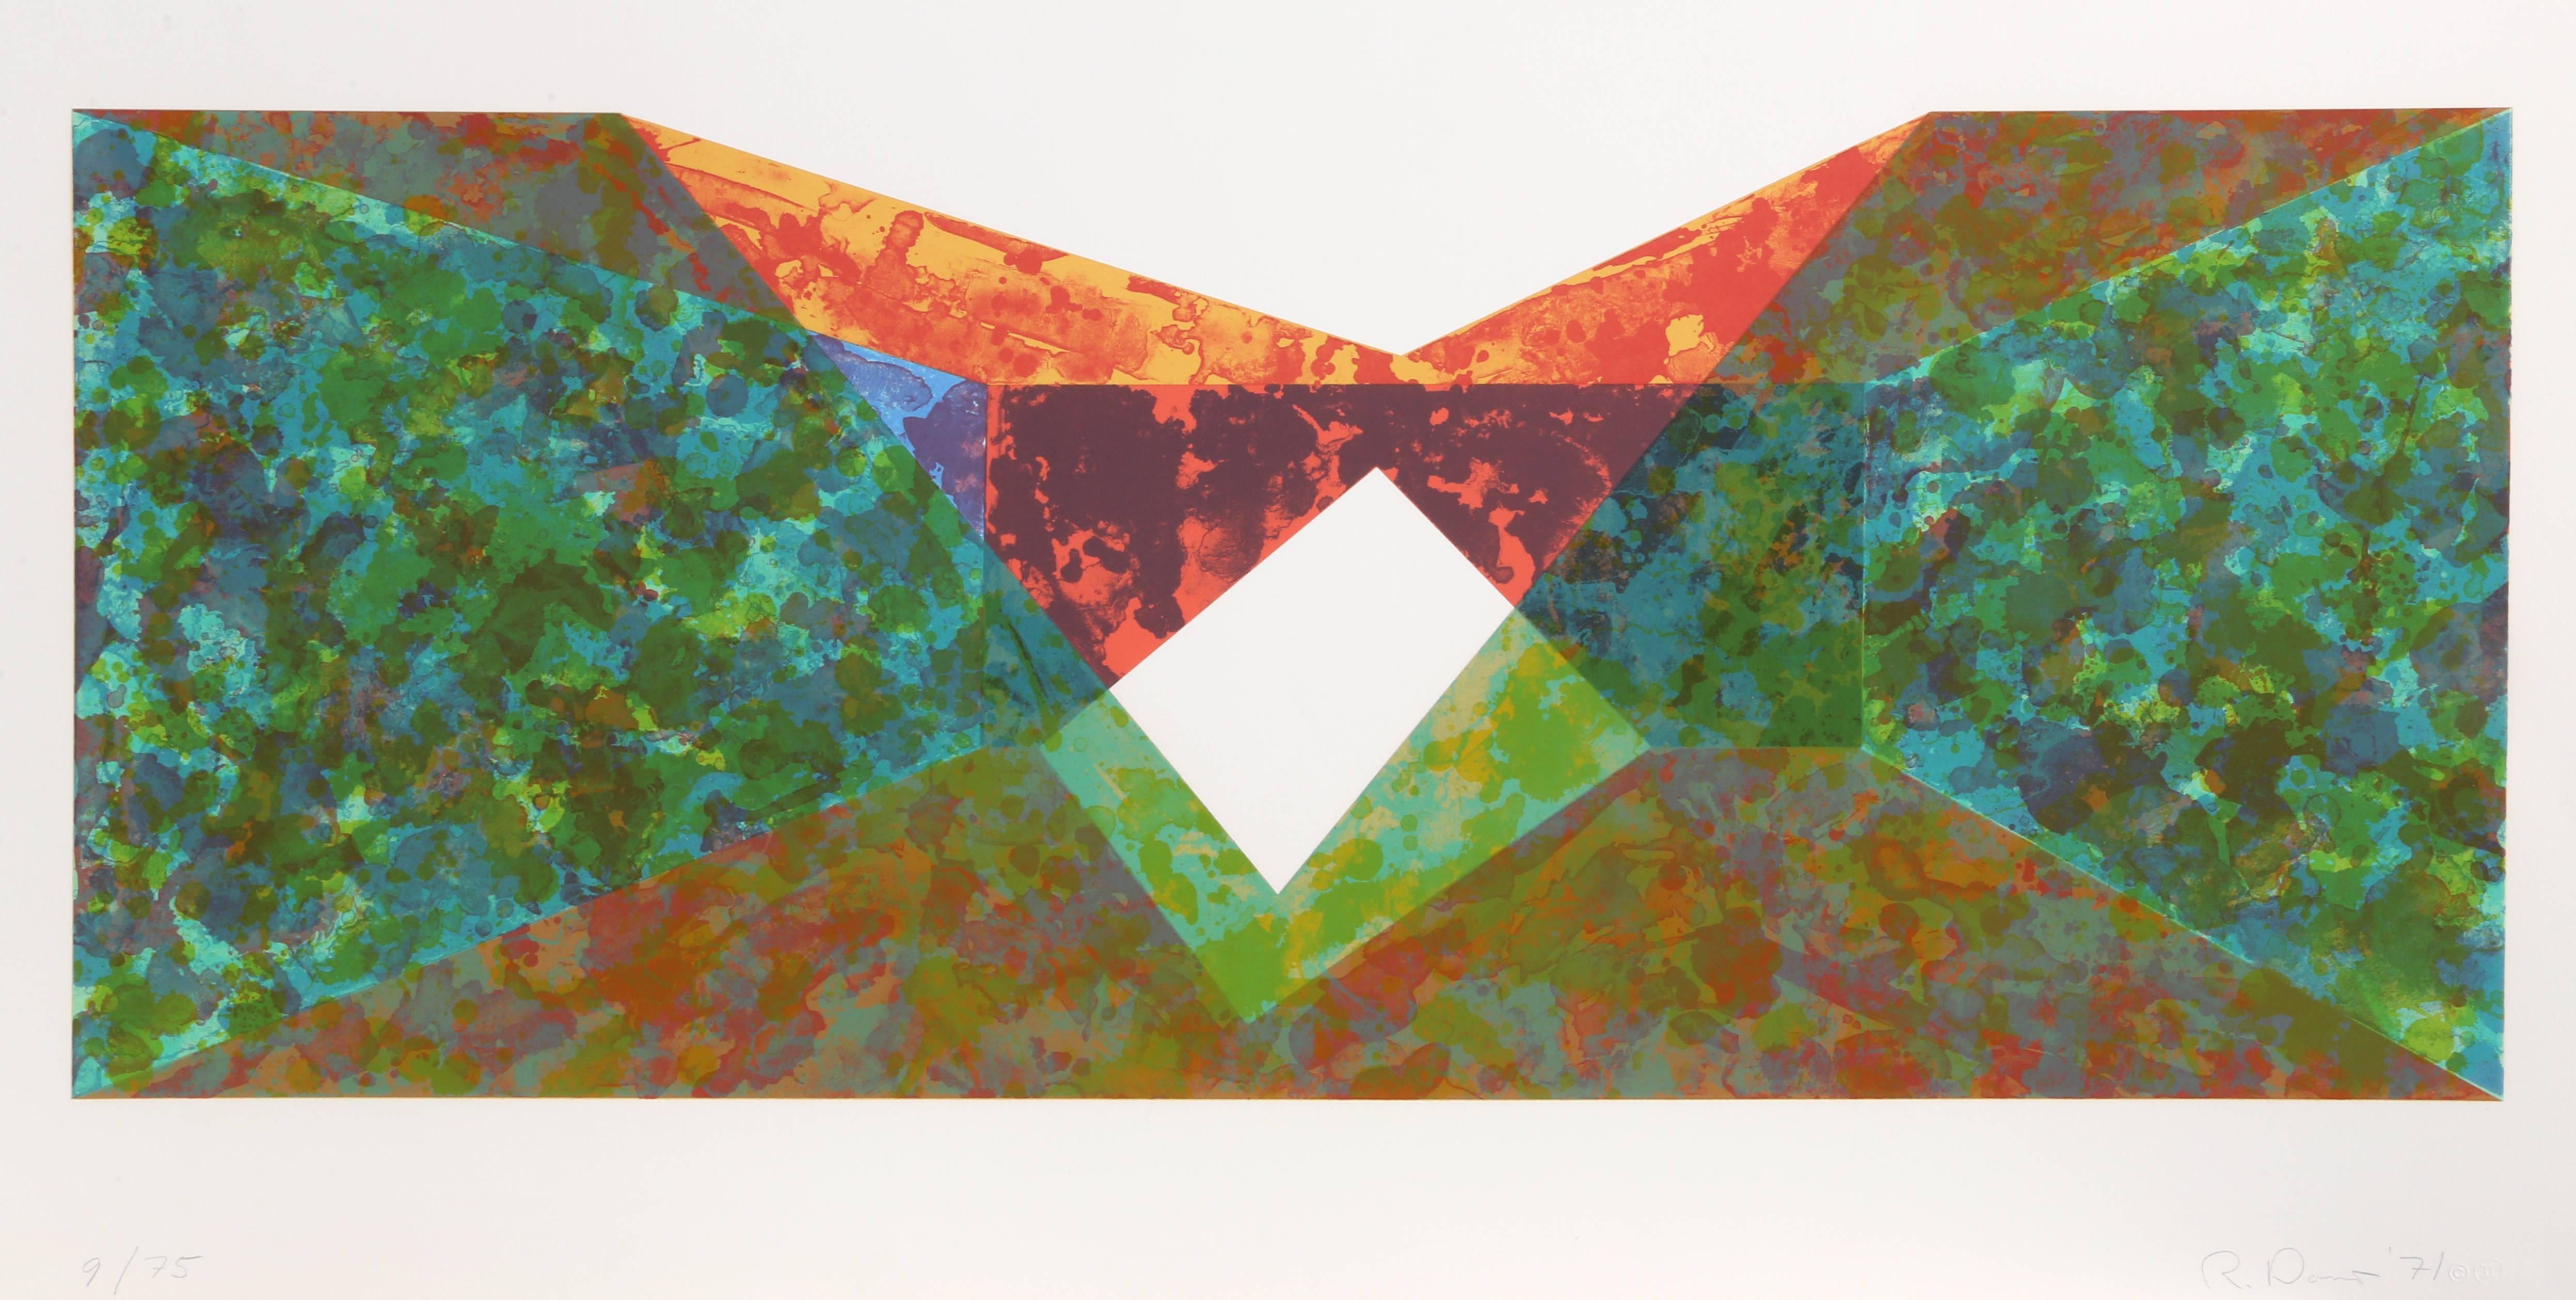 Triangle Slice